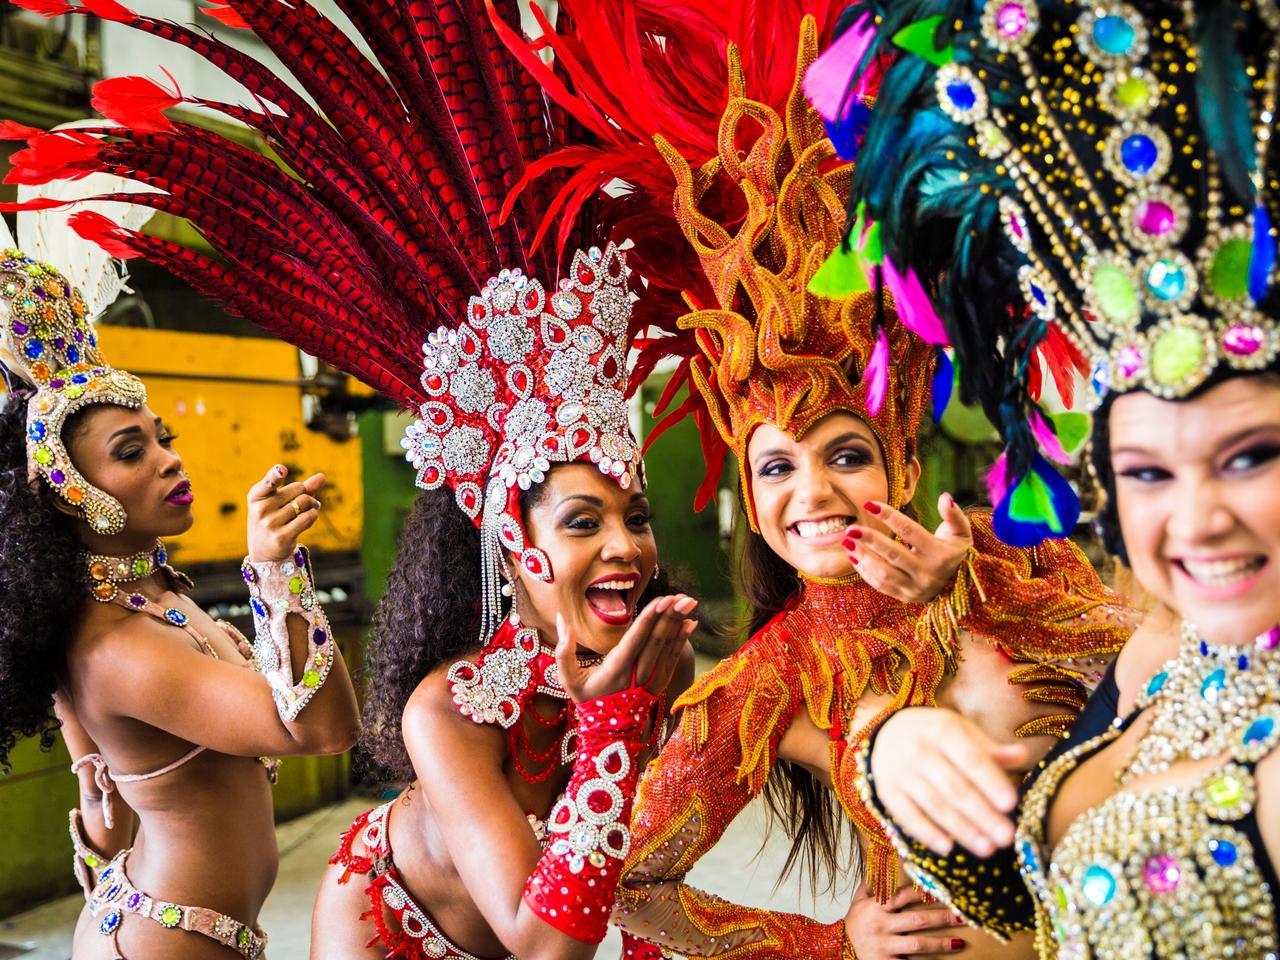 Brazilian women wearing carnival costume in an old factory